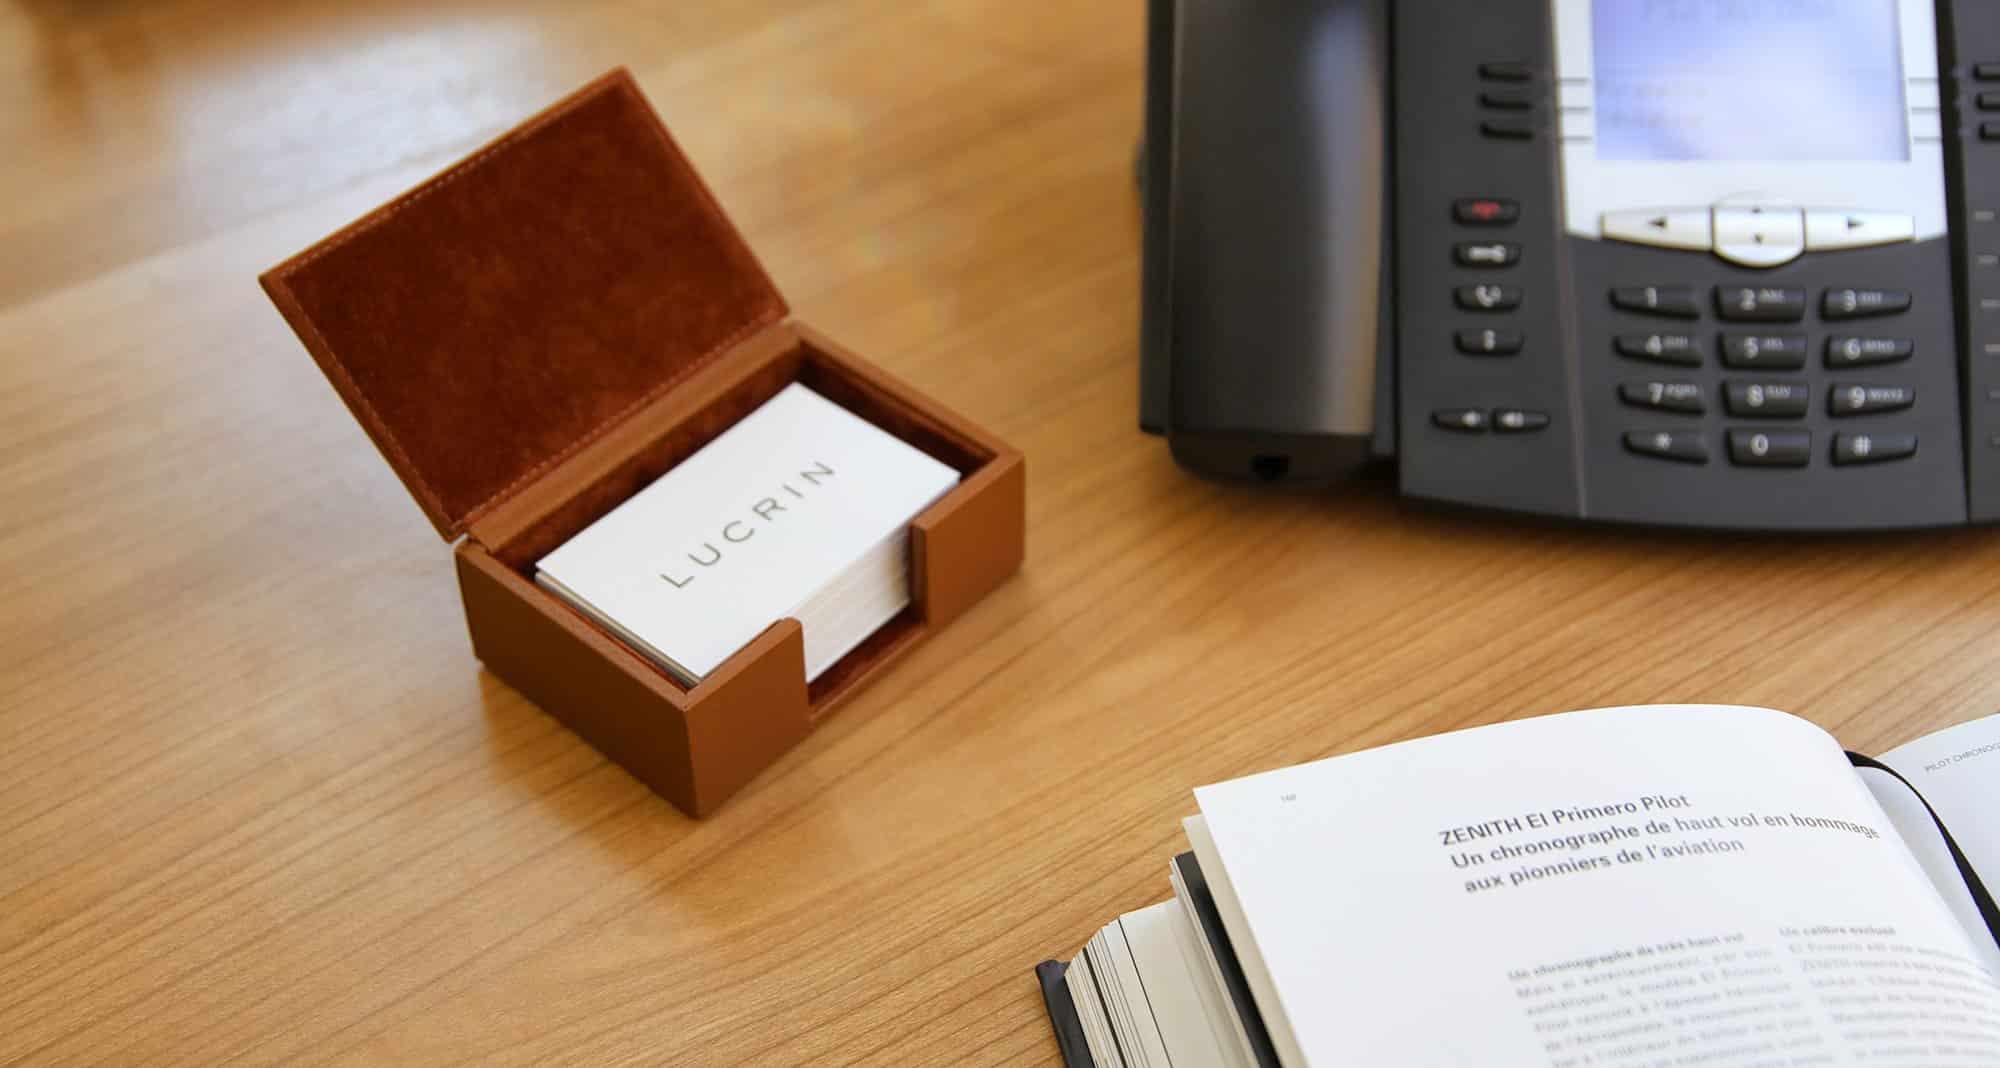 Une boite contenant des cartes de visite